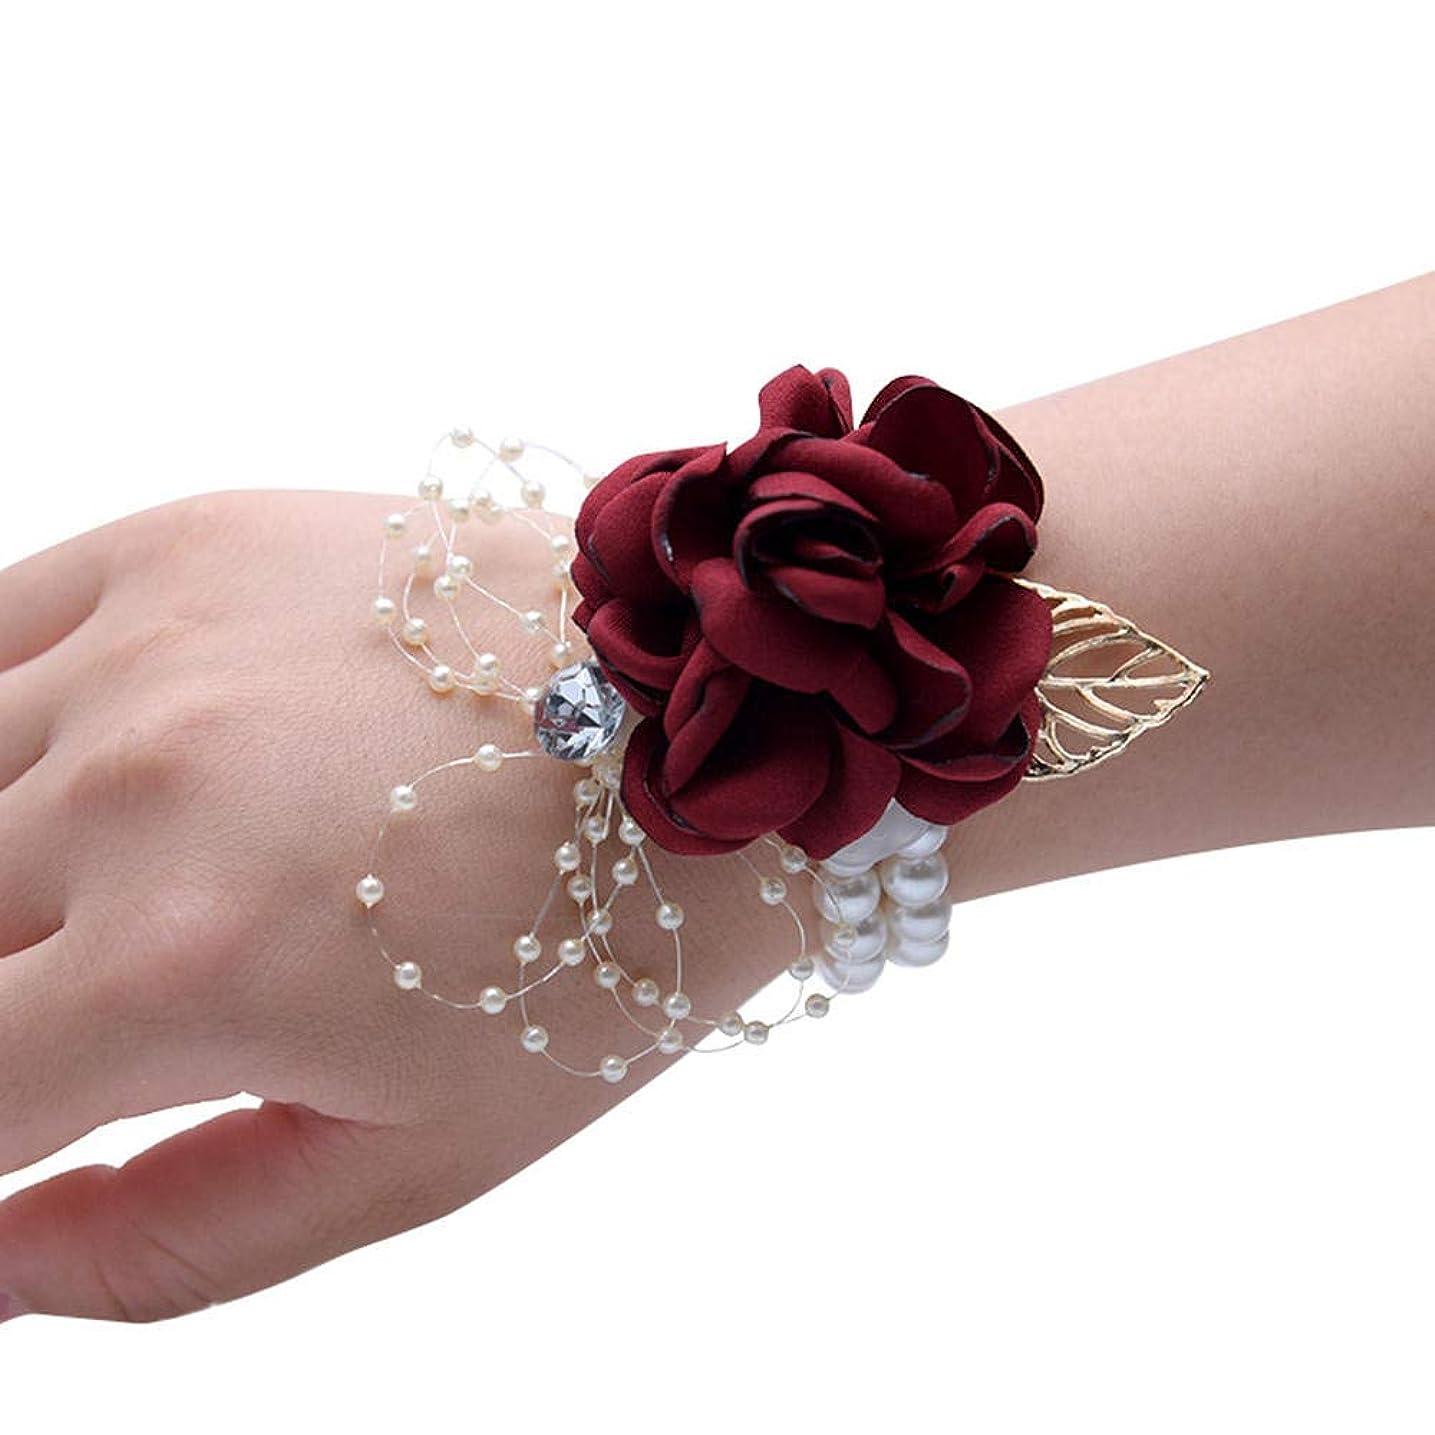 取り除くドライバマインドMerssavo 手首の花 - 女の子チャーム手首コサージュブレスレット花嫁介添人姉妹の手の花のどの真珠の結婚式、ワインレッド